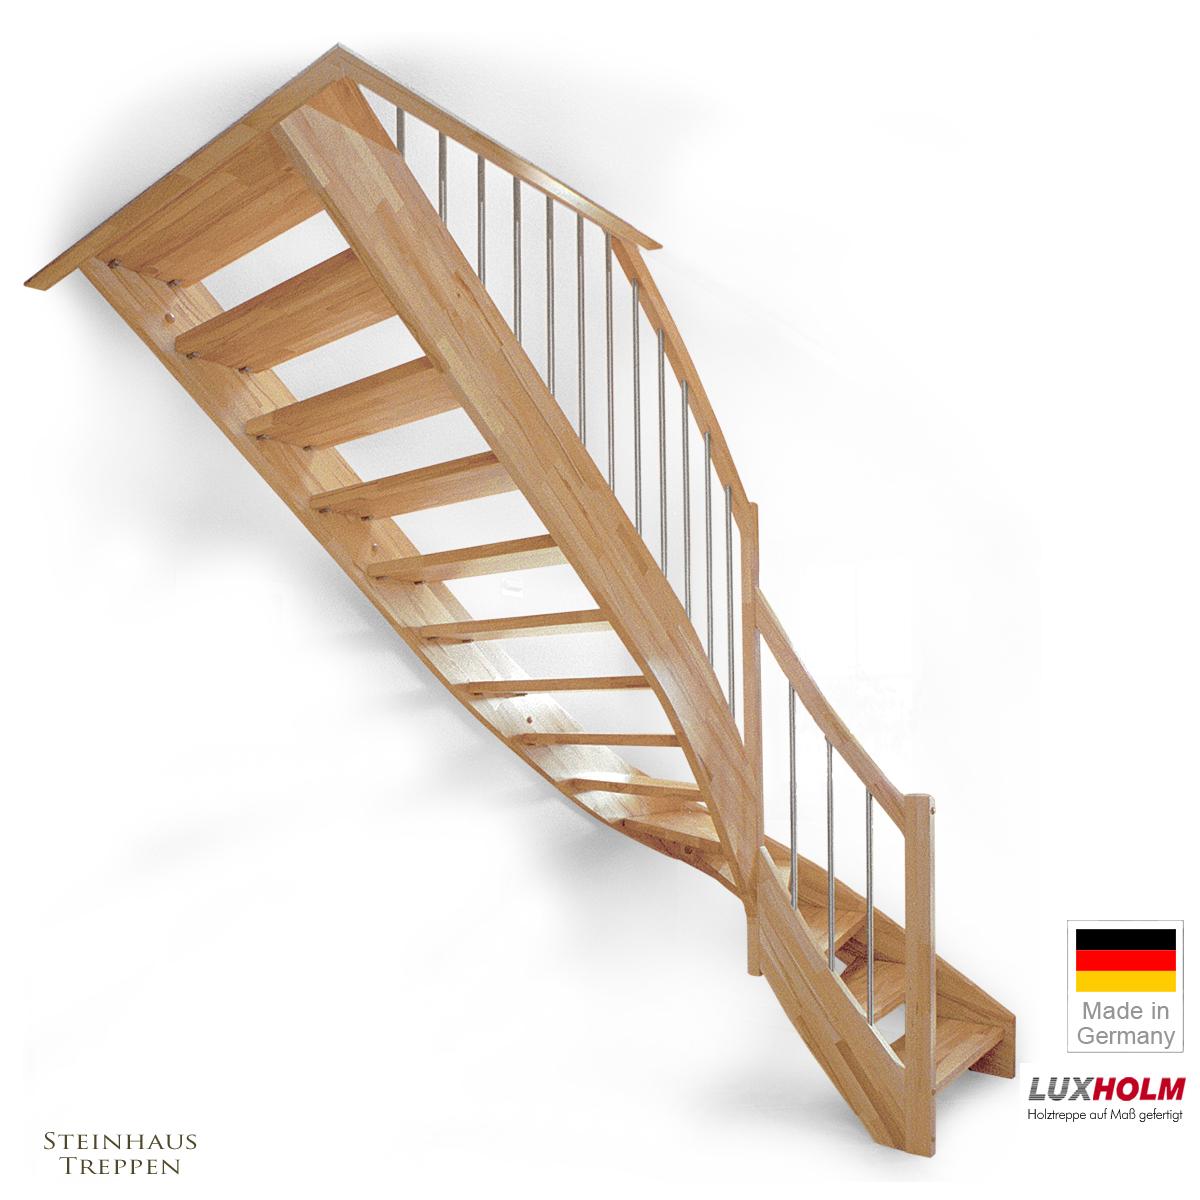 NebeneingangstUr Holz Nach Mas ~ Holztreppe nach Maß mit Geländer und 4tel Wendung, Kernbuche